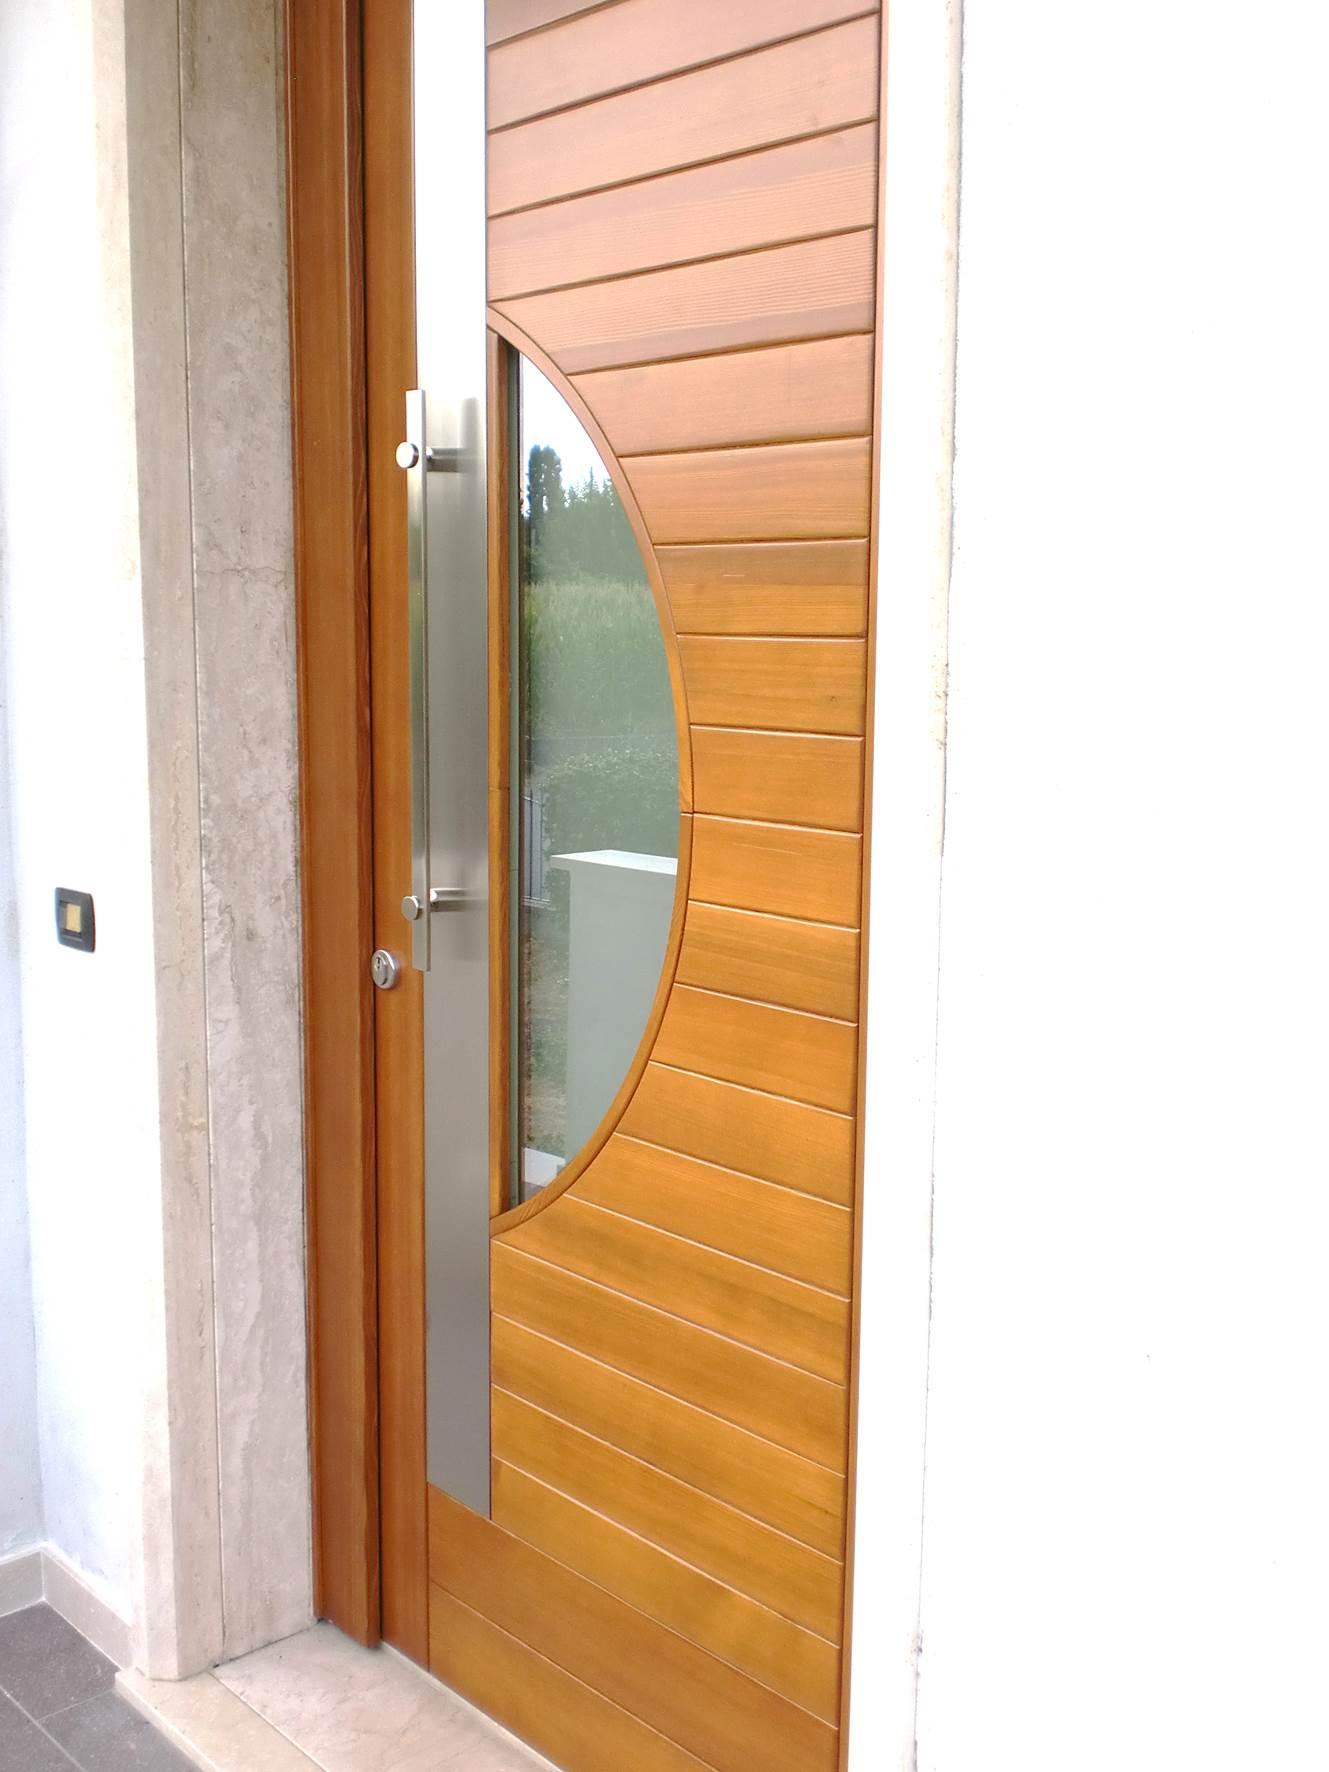 Realizzazioni porte e portoni d 39 ingresso rivas - Maniglie porte ingresso ...